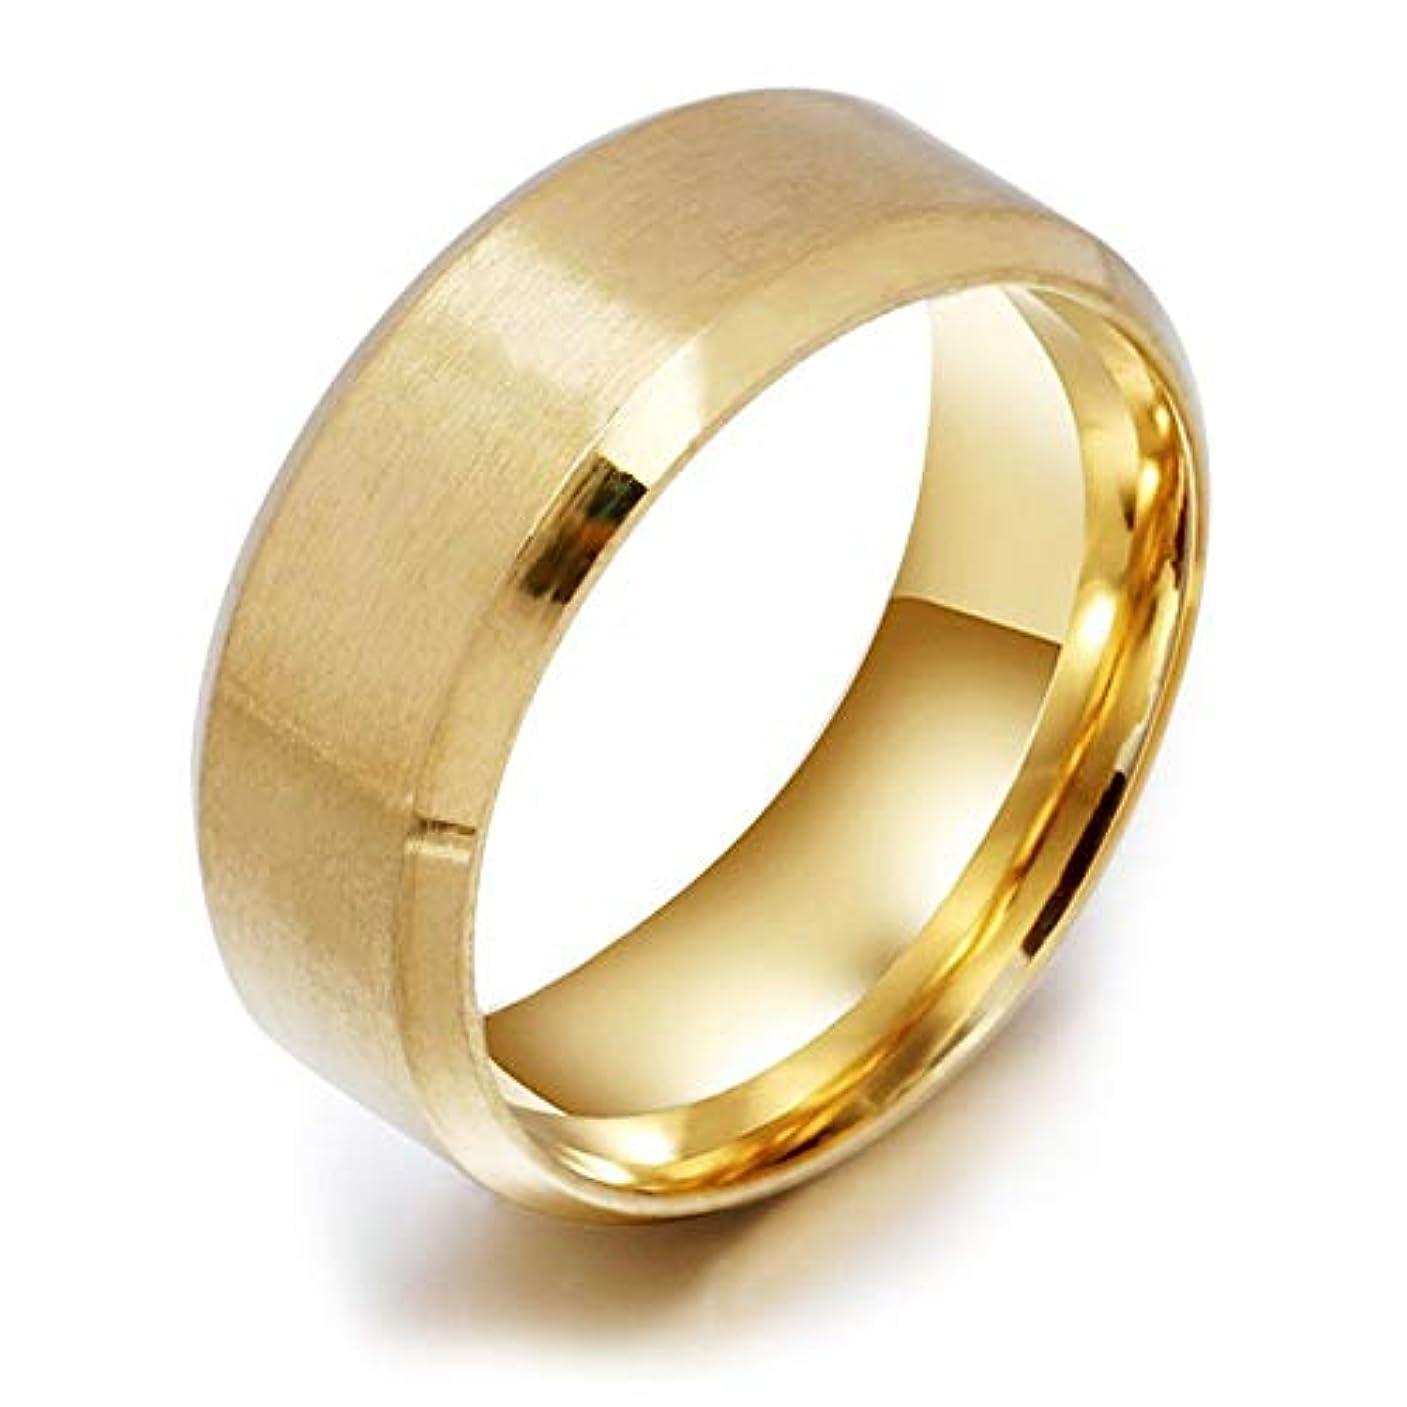 背が高い溶かす絶対にステンレス鋼医療指リング磁気減量リング男性のための高いポーランドのファッションジュエリー女性リング-ゴールド10